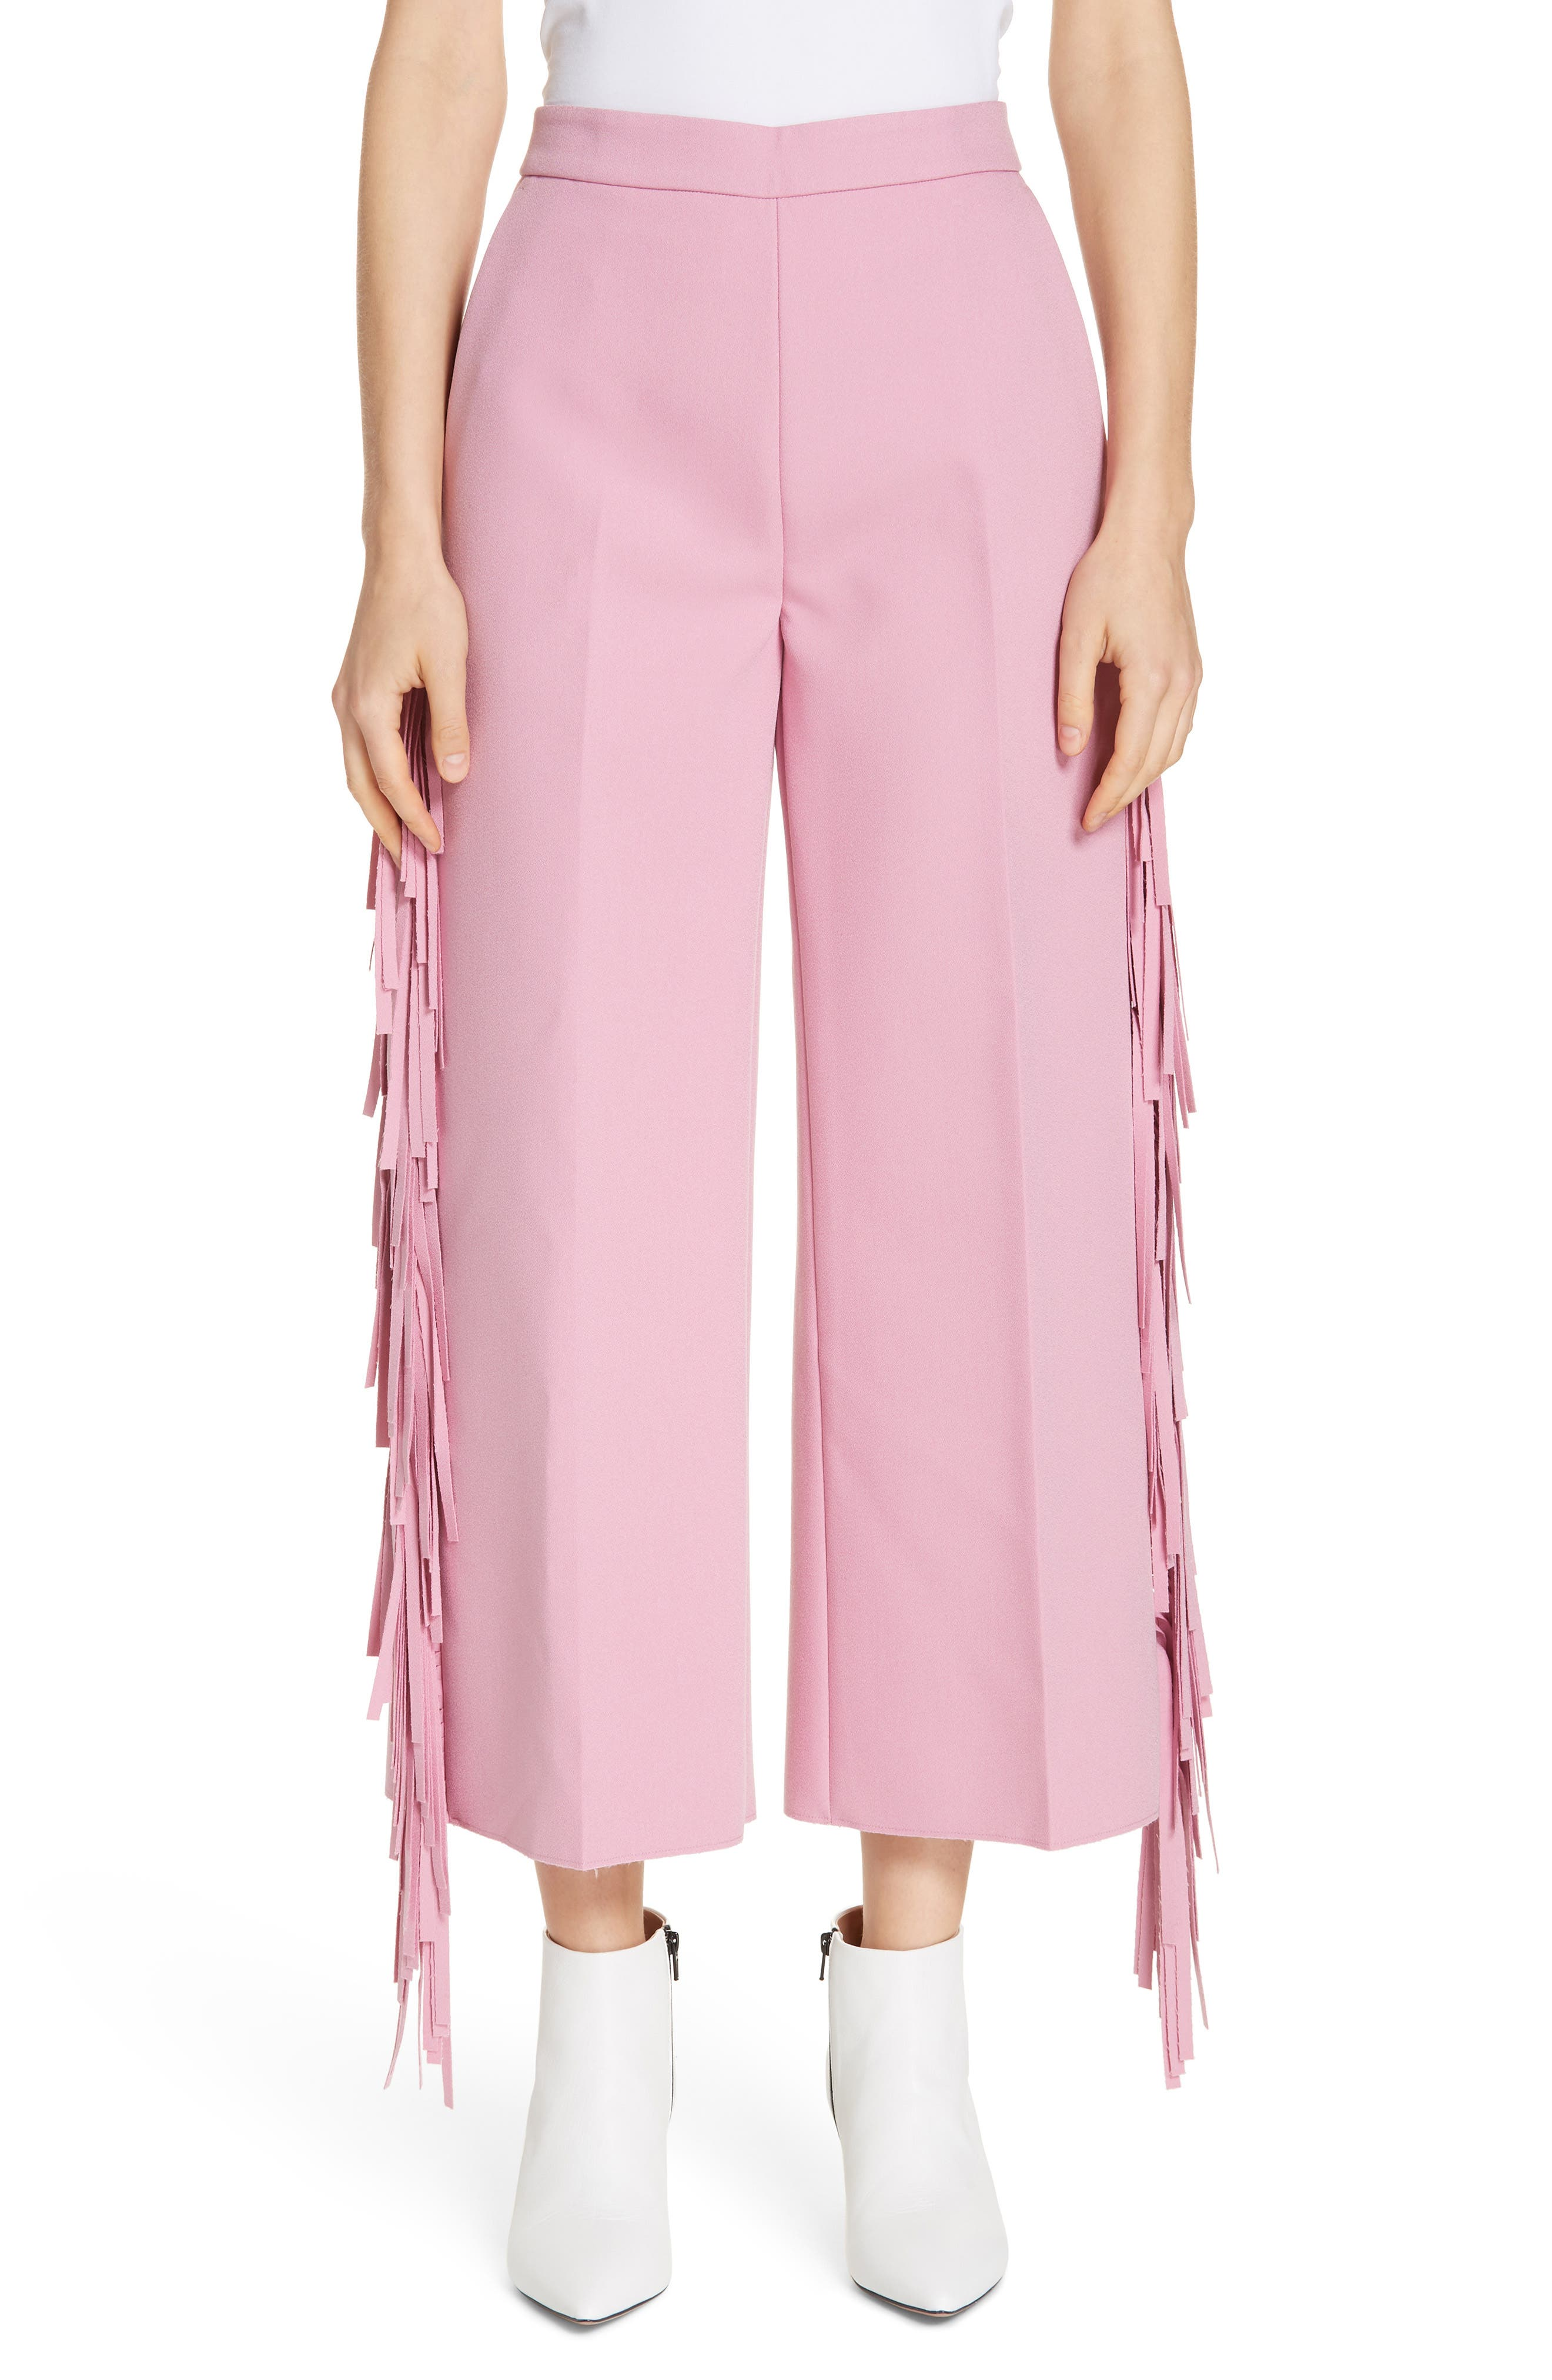 Fringe Trim Crop Pants in Knit Pink/ Line Red/ Black